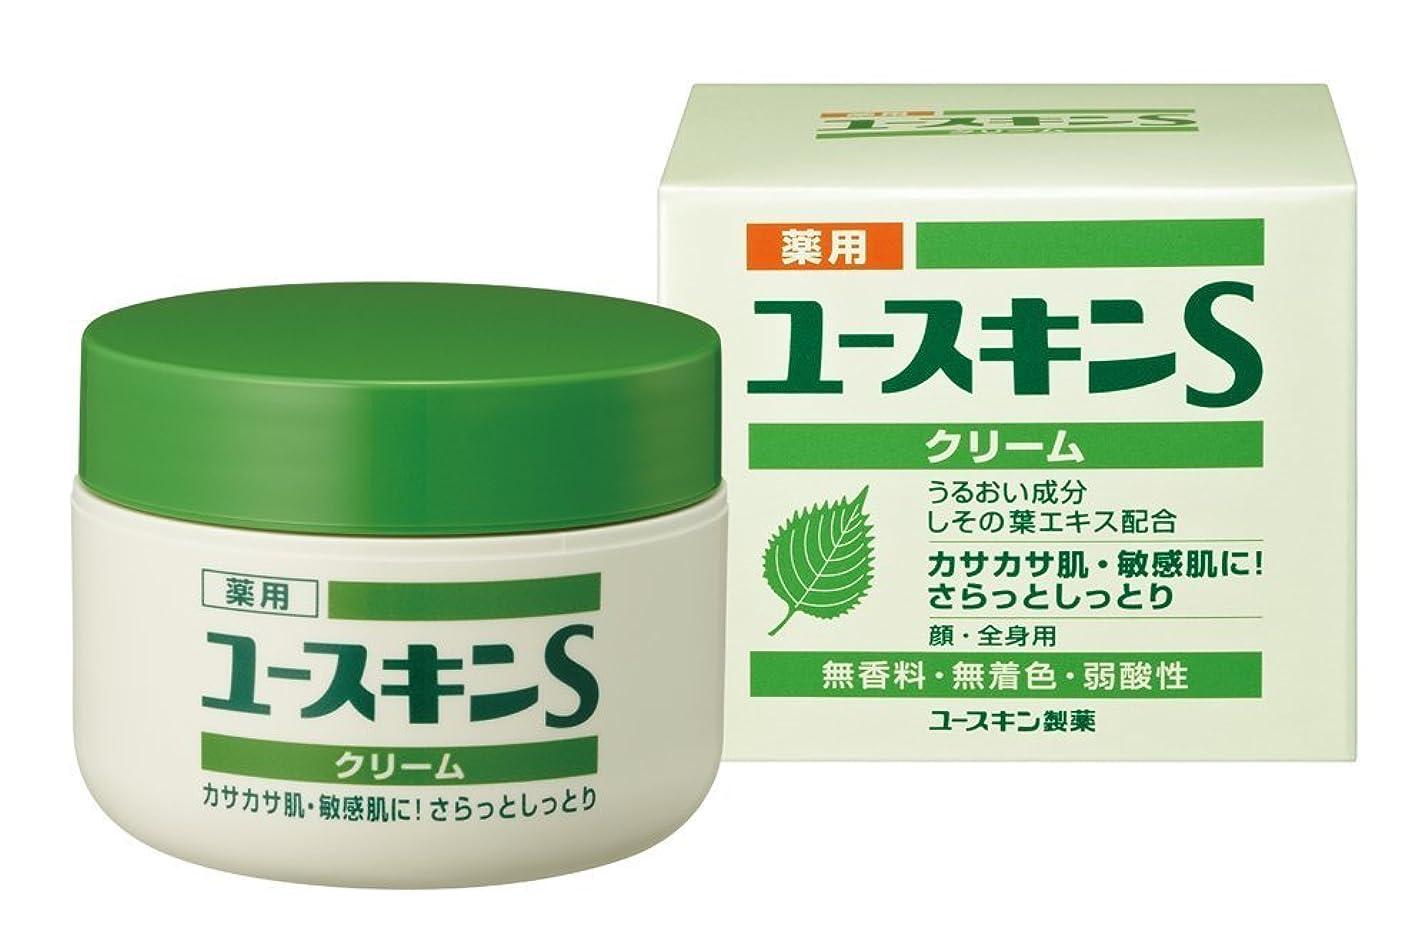 社会検索マニアックユースキン製薬 薬用ユースキンSクリーム 70g(医薬部外品)